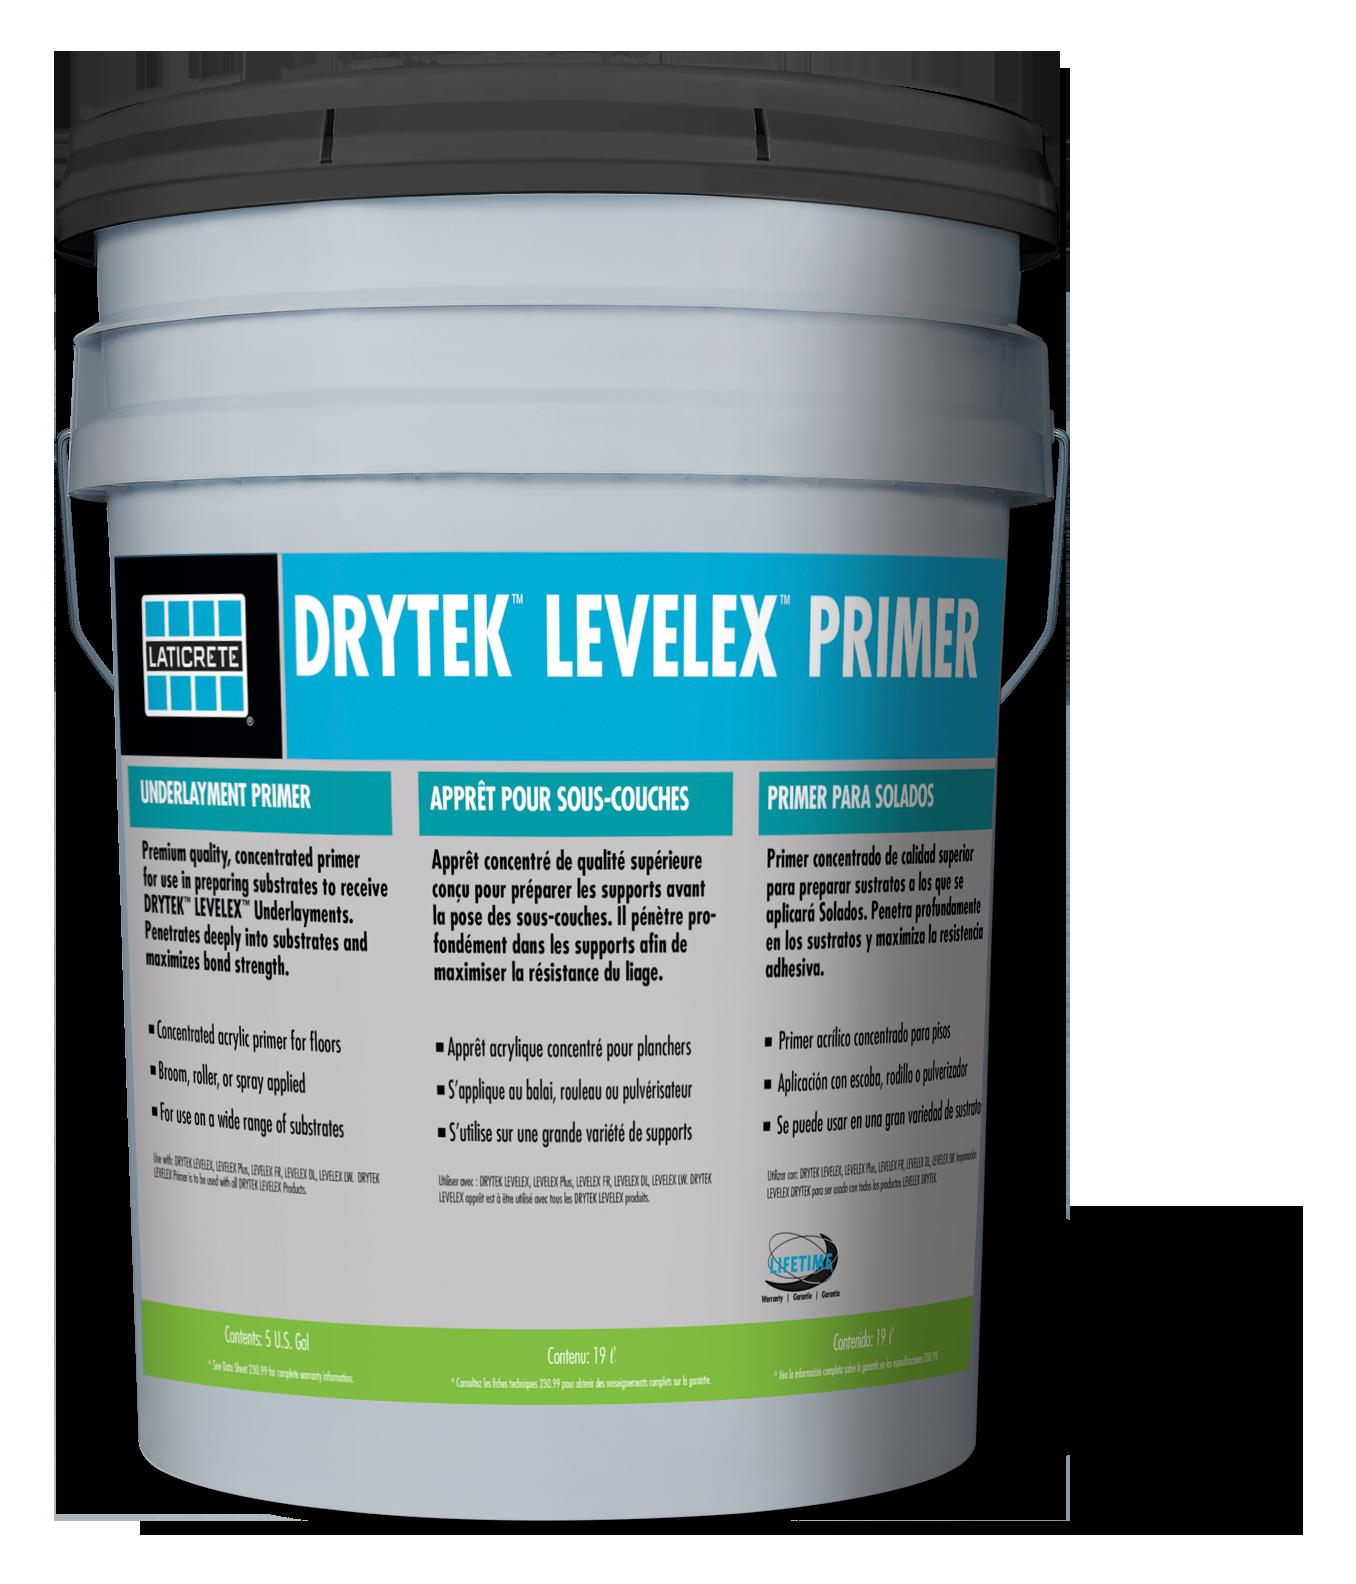 Drytek 174 Levelex 174 Primer Laticrete